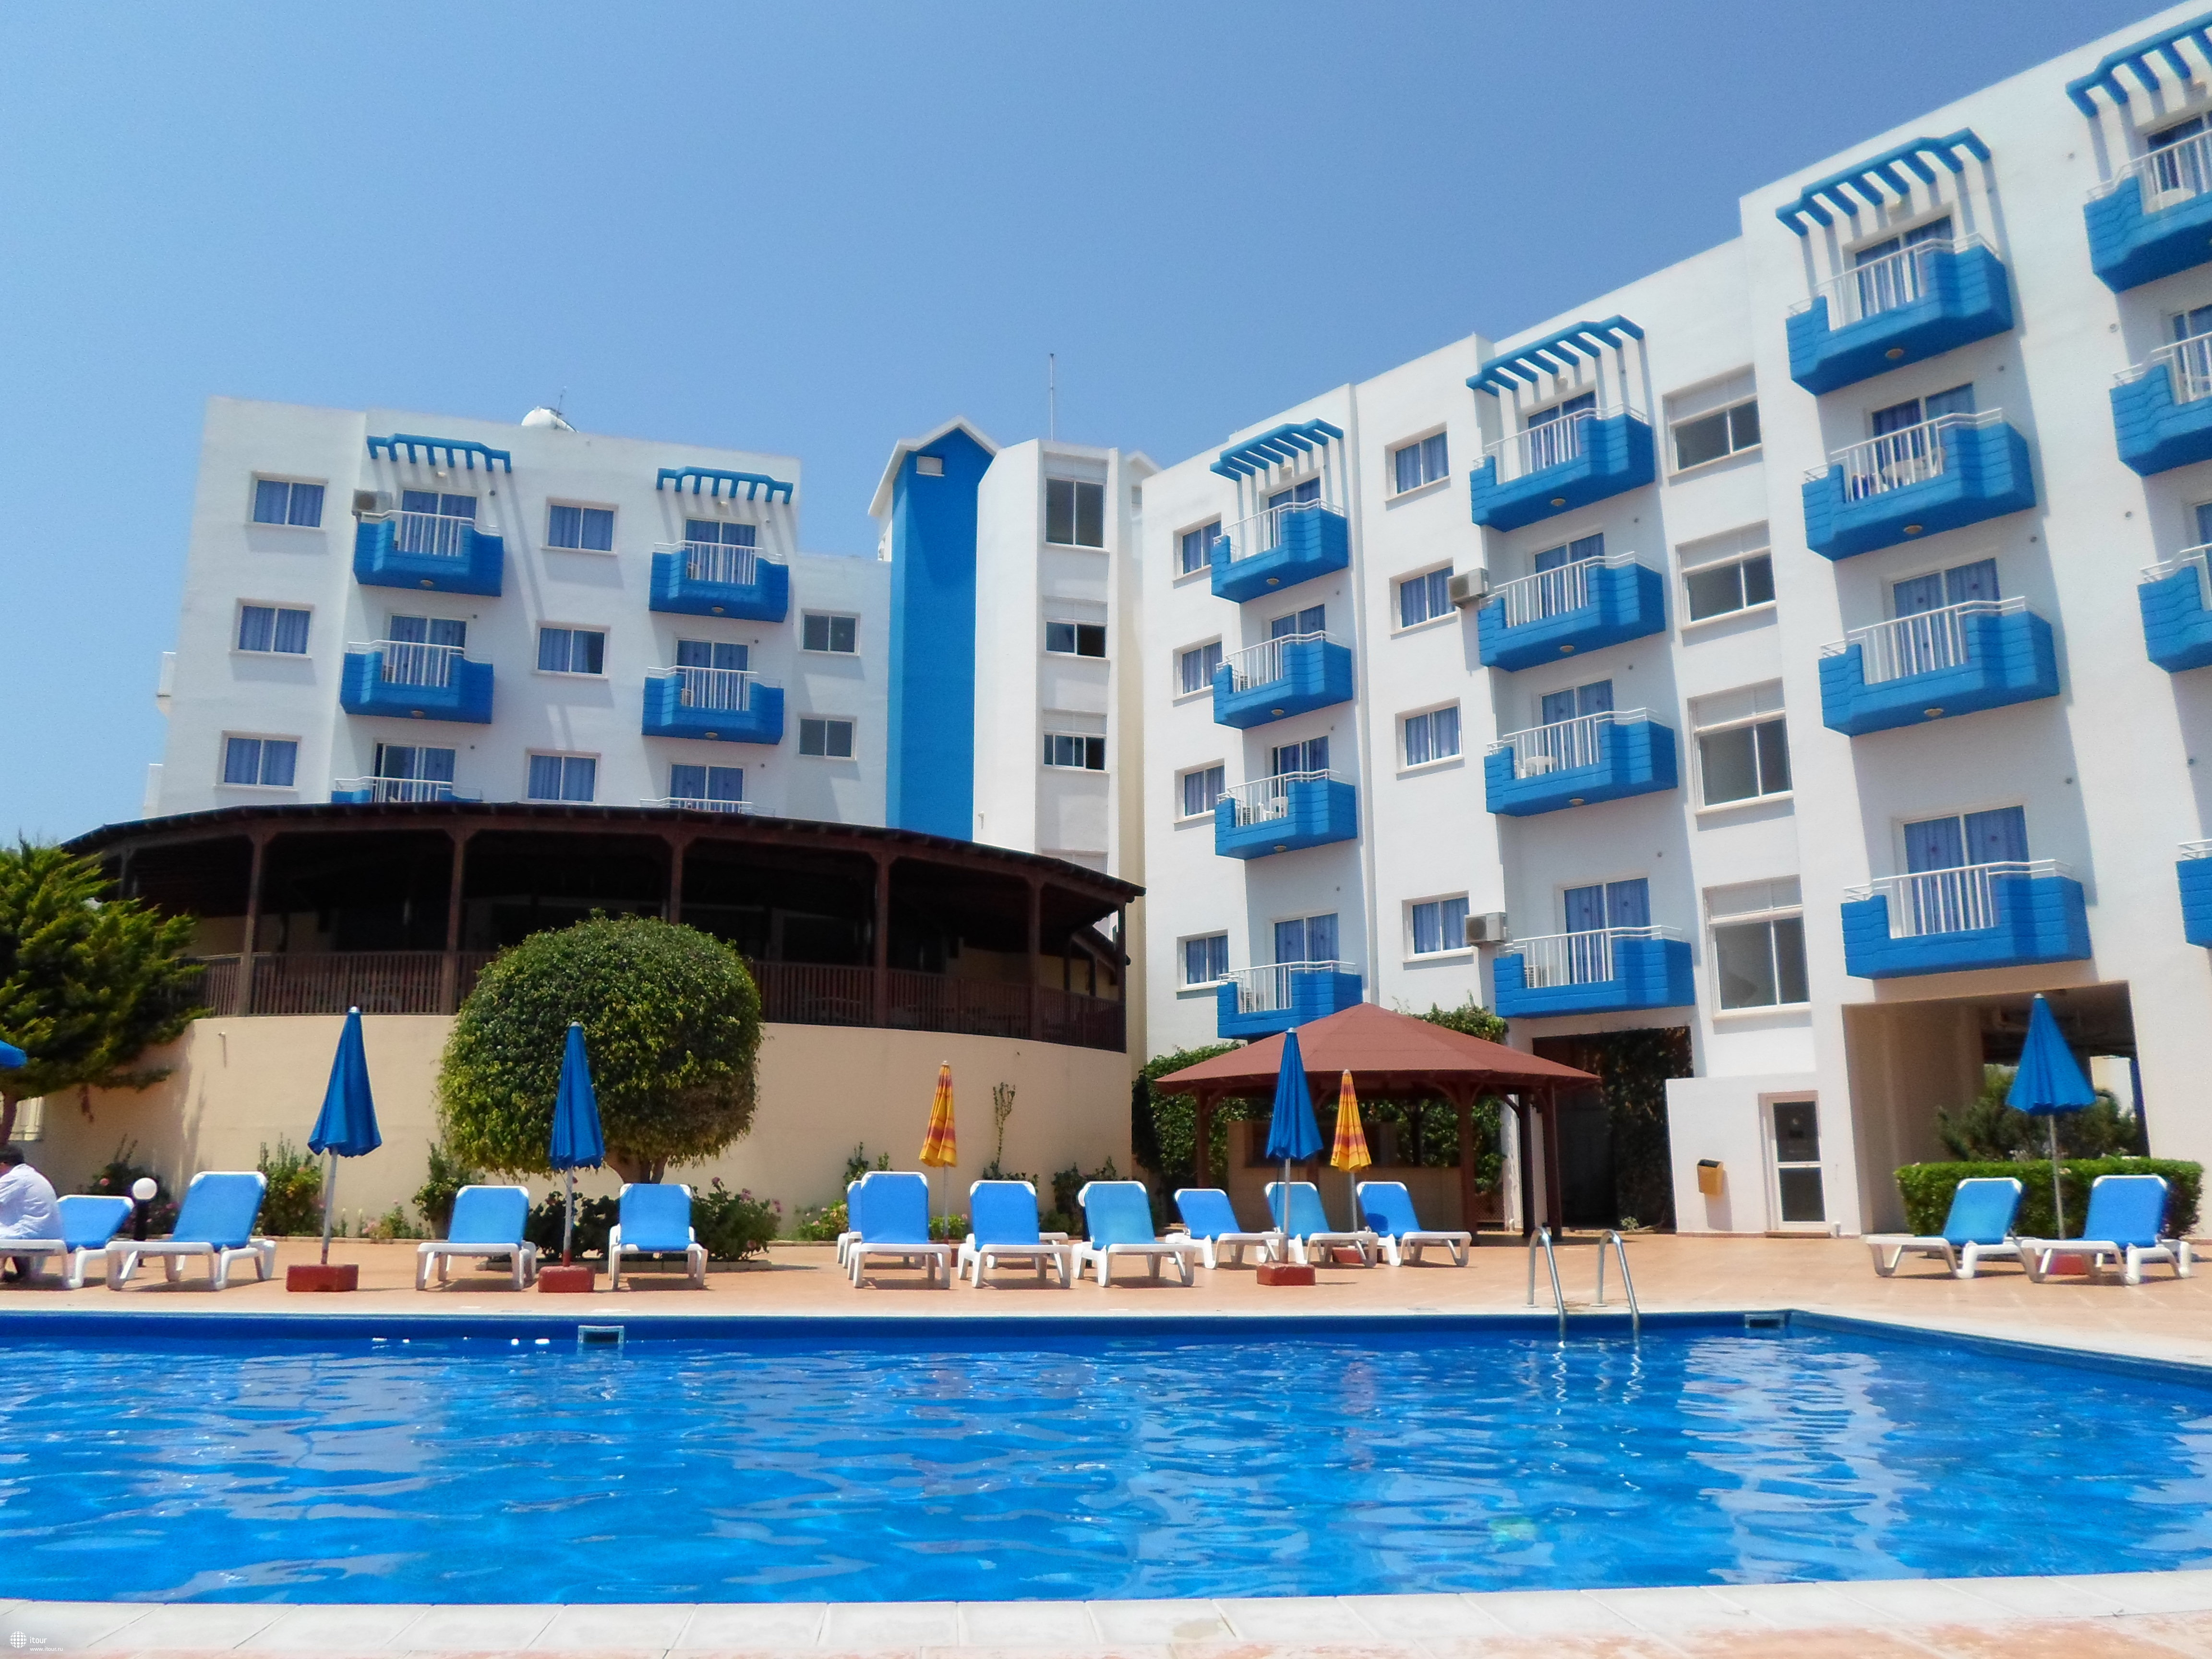 Hotel Maistros Hotel Apts Class A 4 (Cyprus, Protaras): description, reviews 63